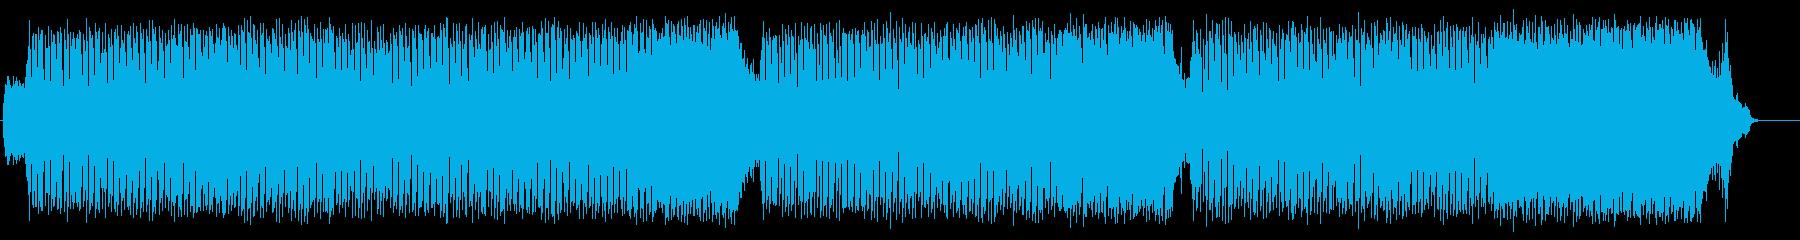 自由自在に駆け回るポップ(フルサイズ)の再生済みの波形